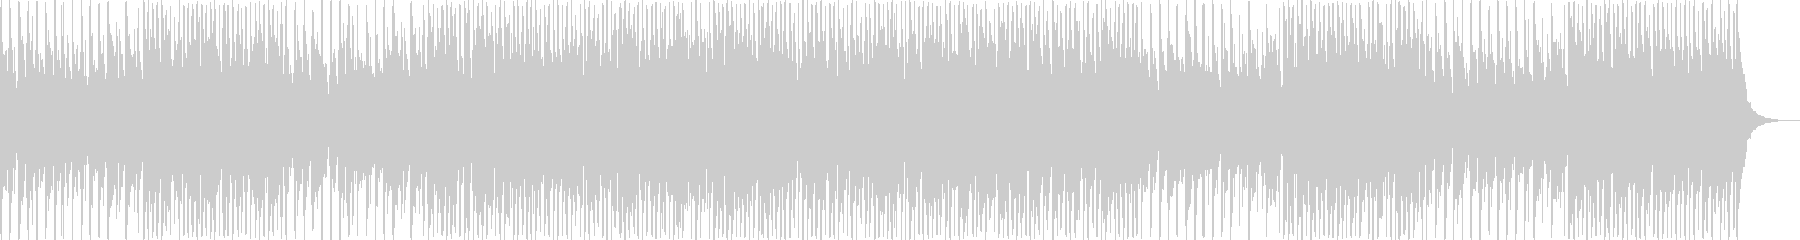 ボサノバ 説明的 静か バックグラ...の未再生の波形